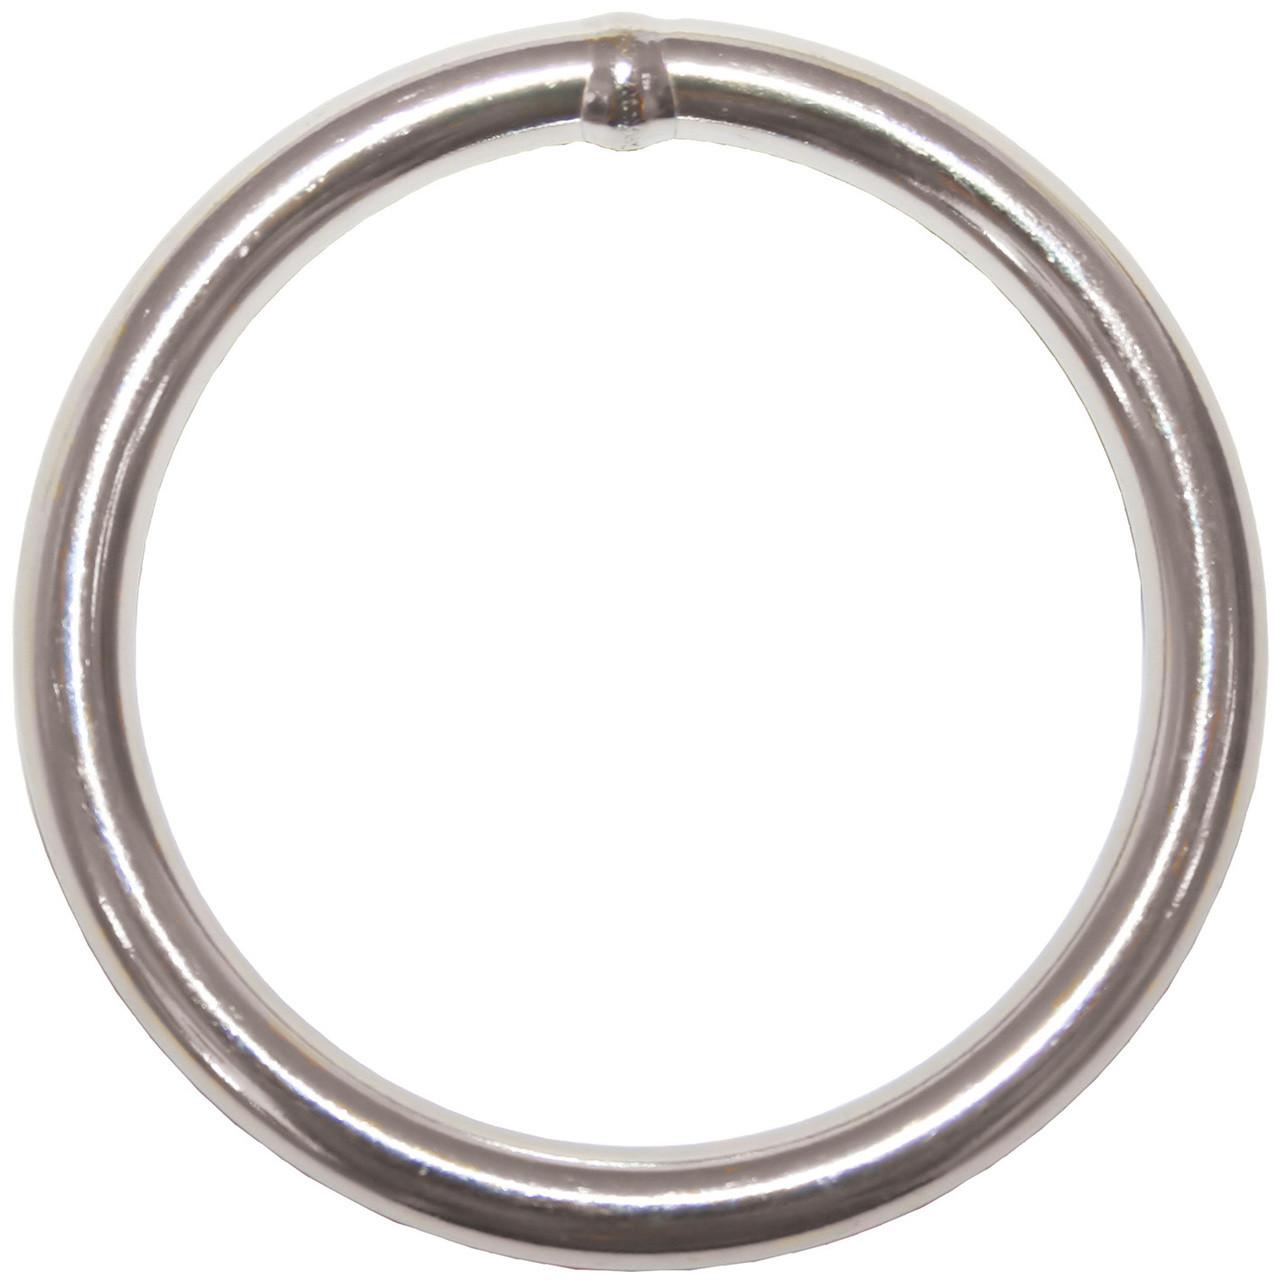 Round Ring S/S 5 x 40mm